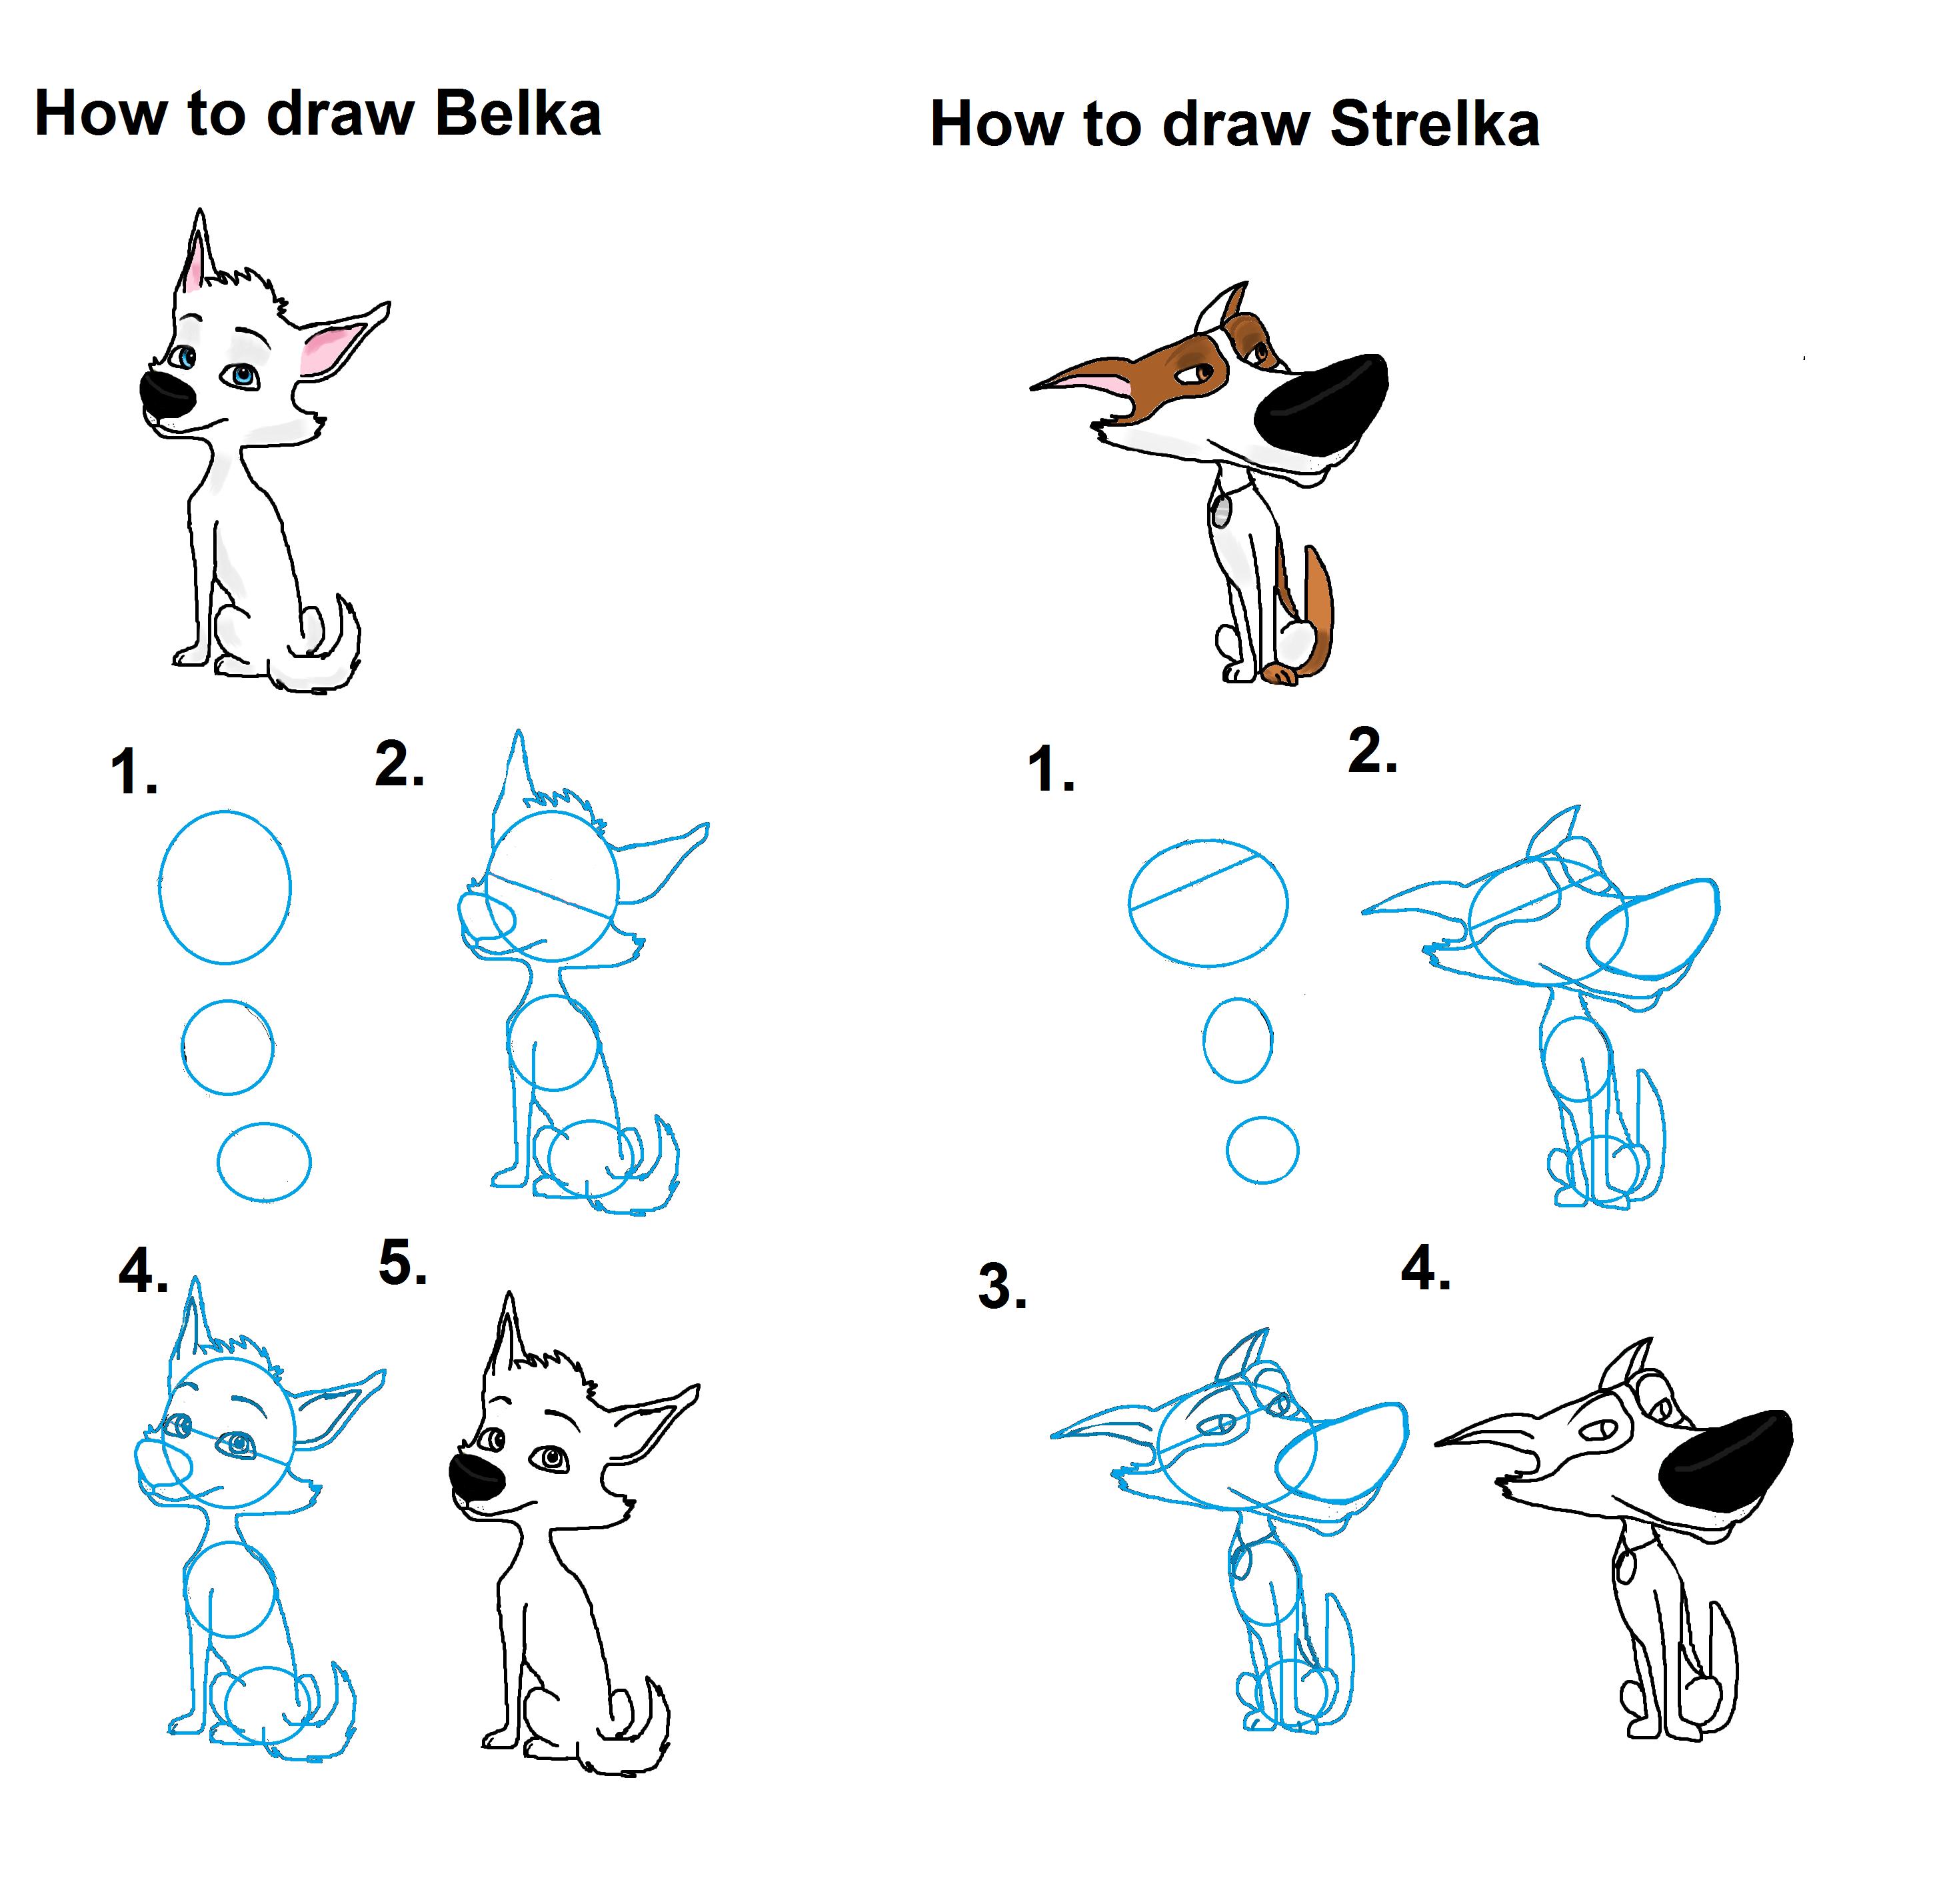 Фото как нарисовать белку и стрелку